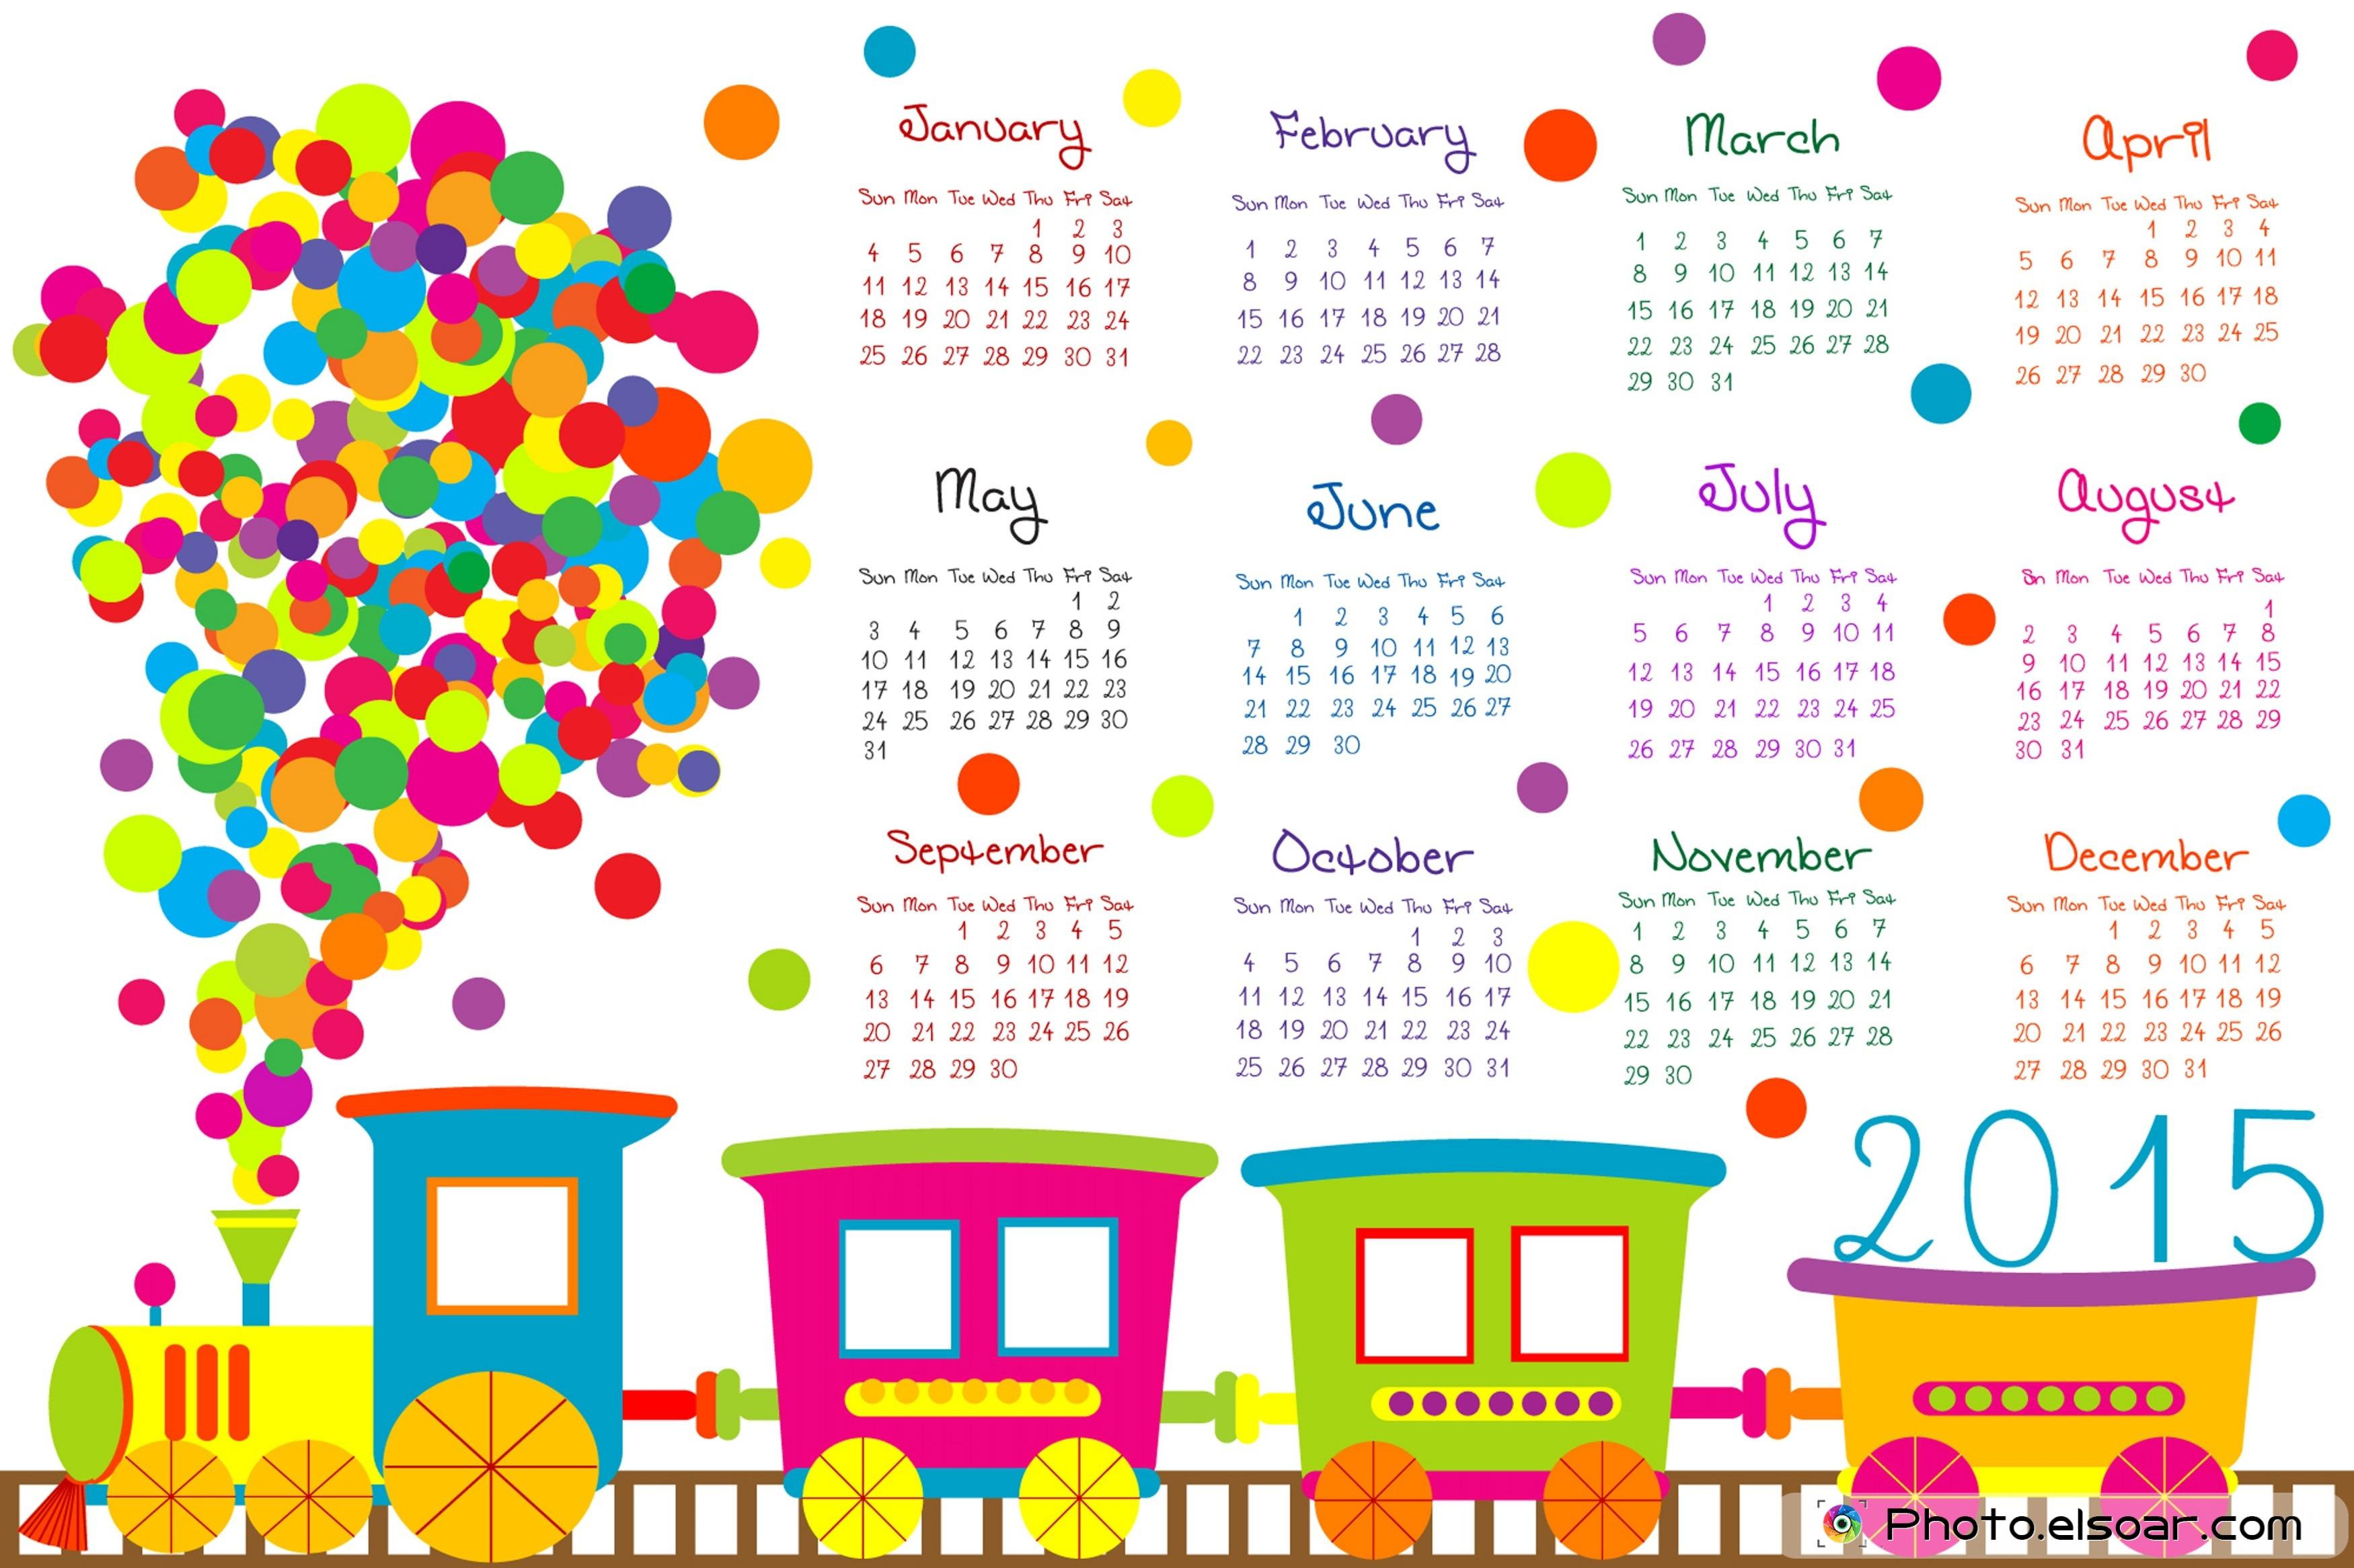 Year Calendar Wallpaper Download 2015 Calendar by Month 2016 3500x2332